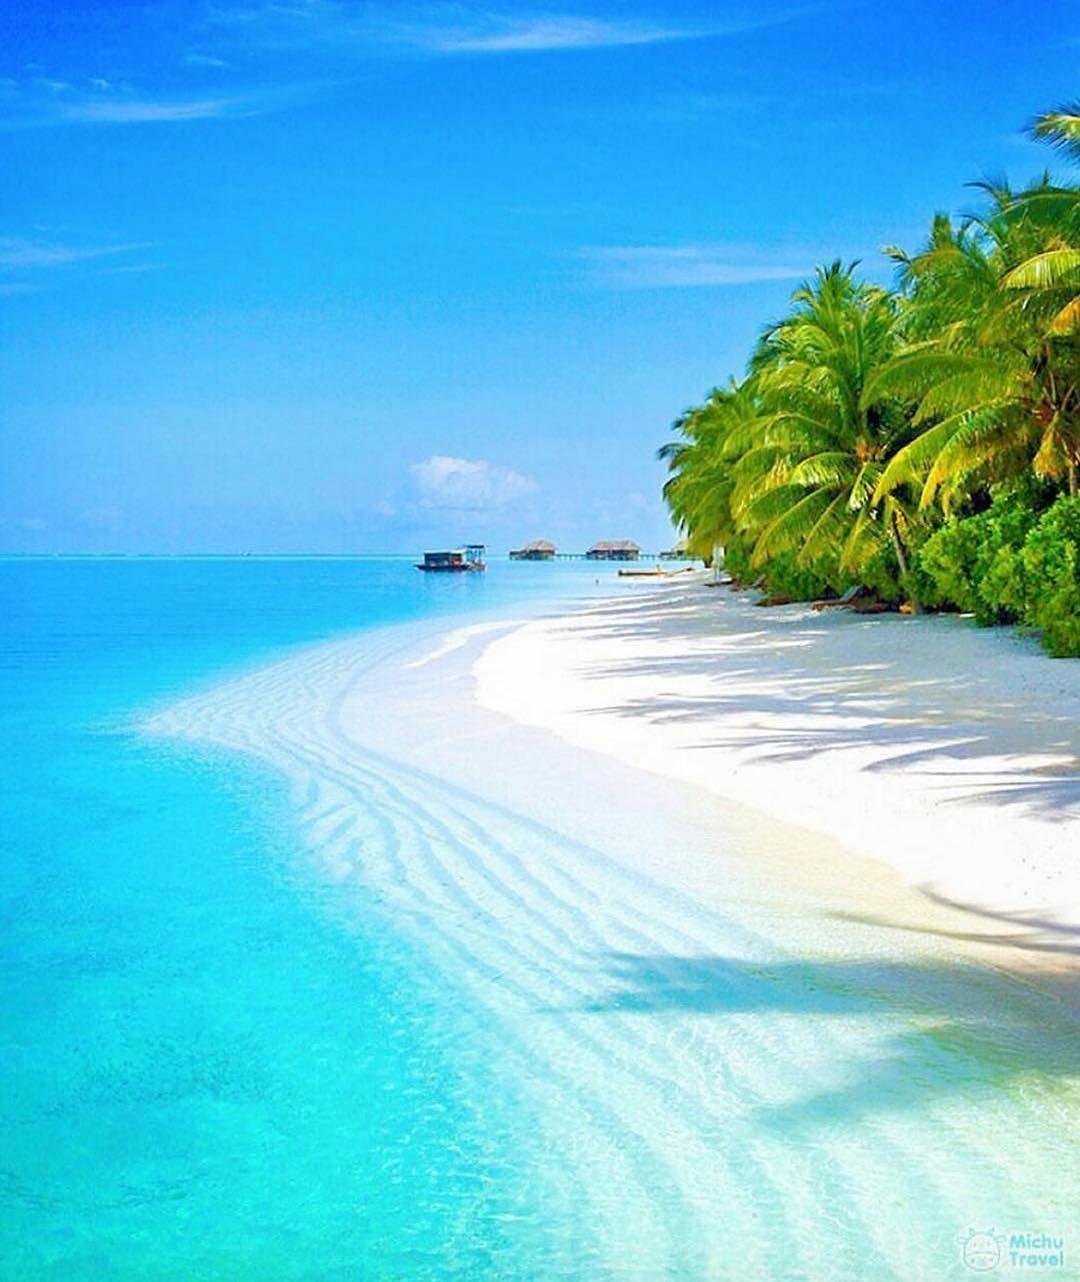 Maldives Beach: Beach, Maldives, Honeymoon